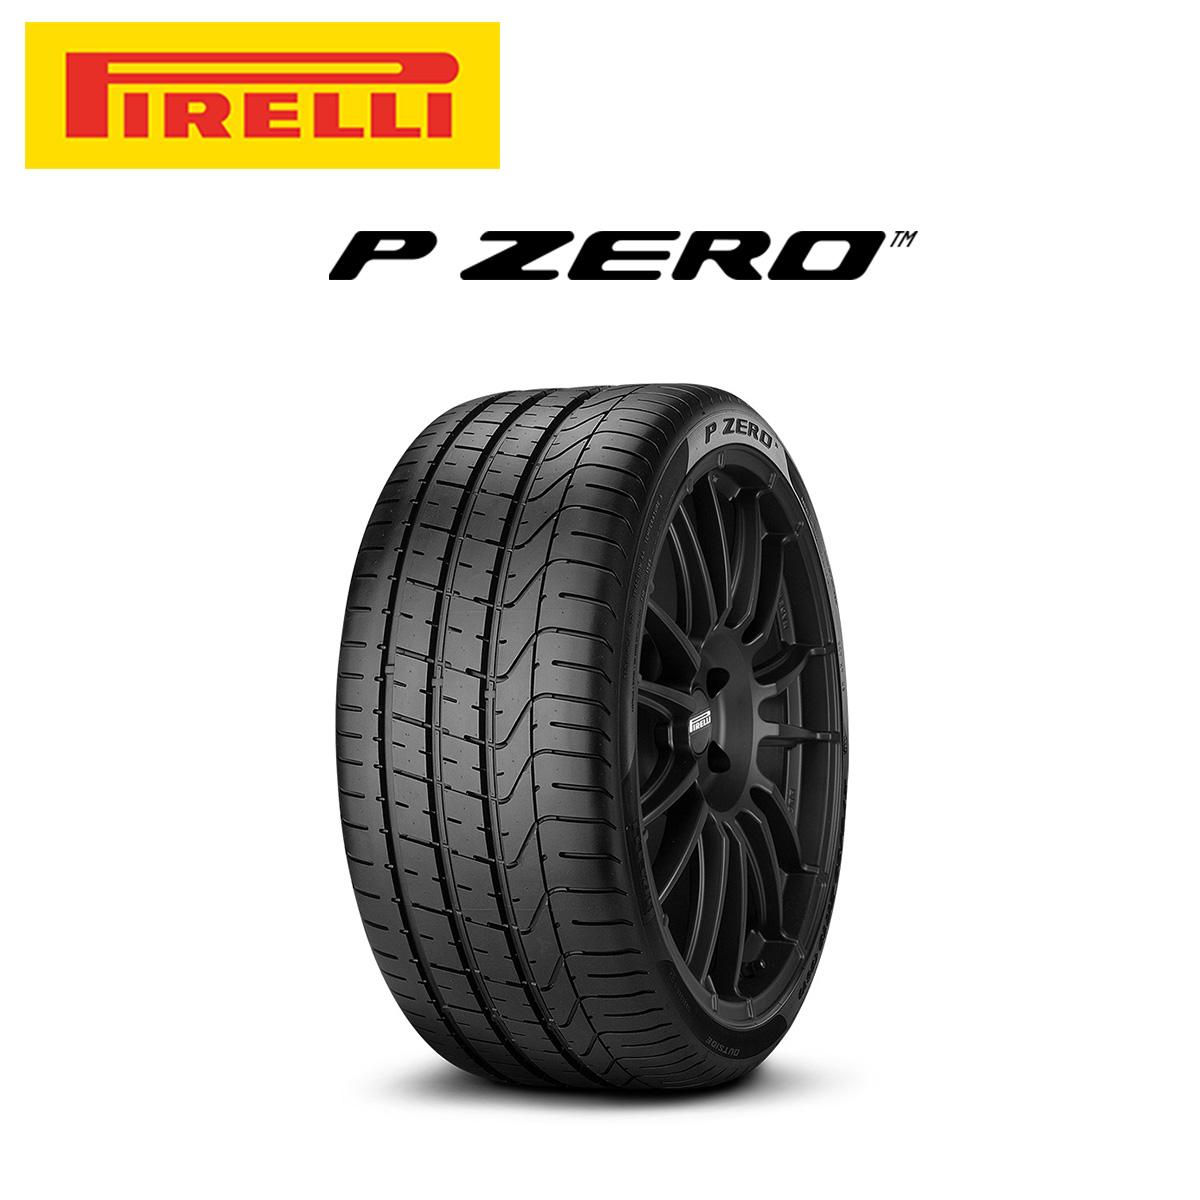 ピレリ PIRELLI P ZERO ピーゼロ 20インチ サマー タイヤ 4本 セット 245/40ZR20 99Y XL MGT:マセラティ承認タイヤ 2166300